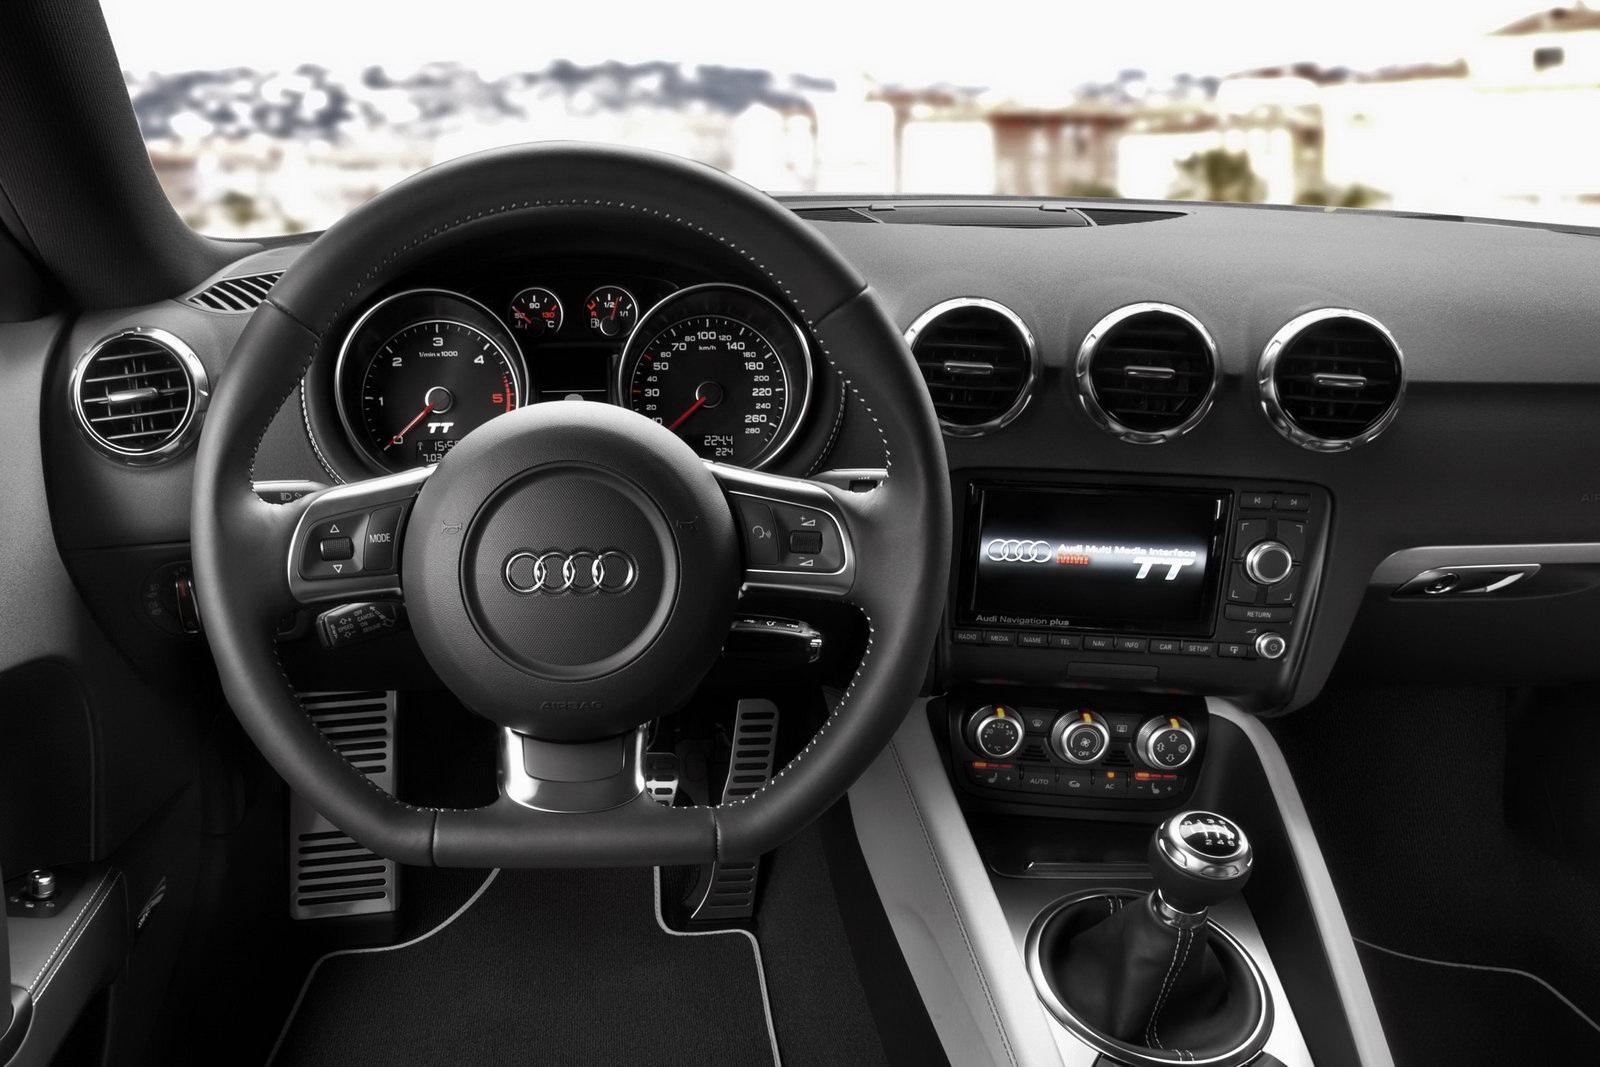 Audi Tt 2 0 Tfsi Photos 13 On Better Parts Ltd